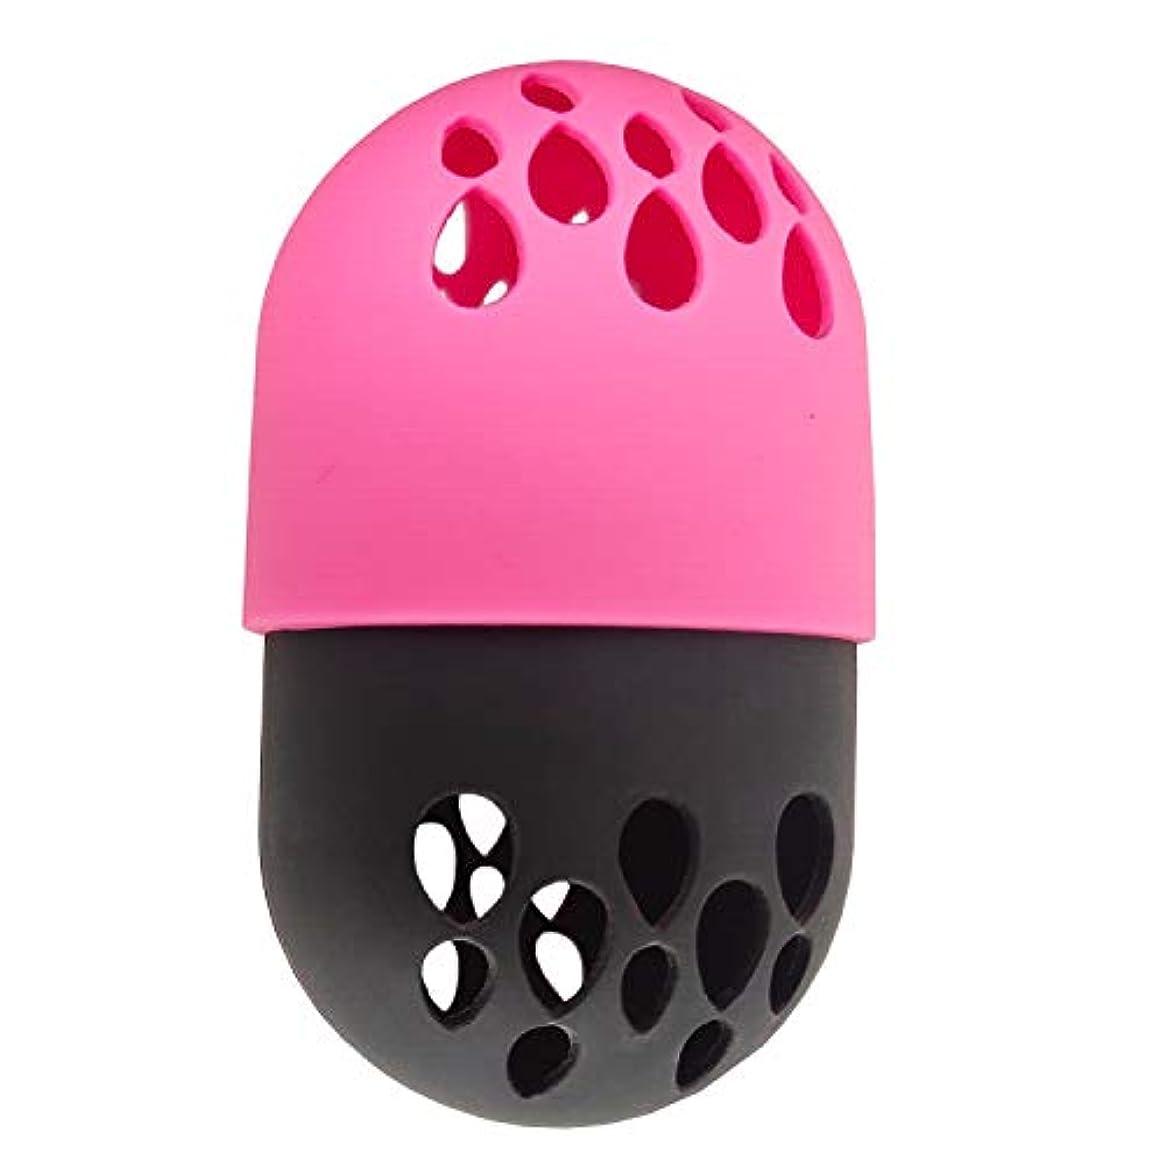 大使ペイントテレマコス美容スポンジ収納ケース、通気性を柔らか美容スポンジ シリコン旅行 キャリングケース、小型軽量 あらゆる化粧スポンジ適用 (ピンク)